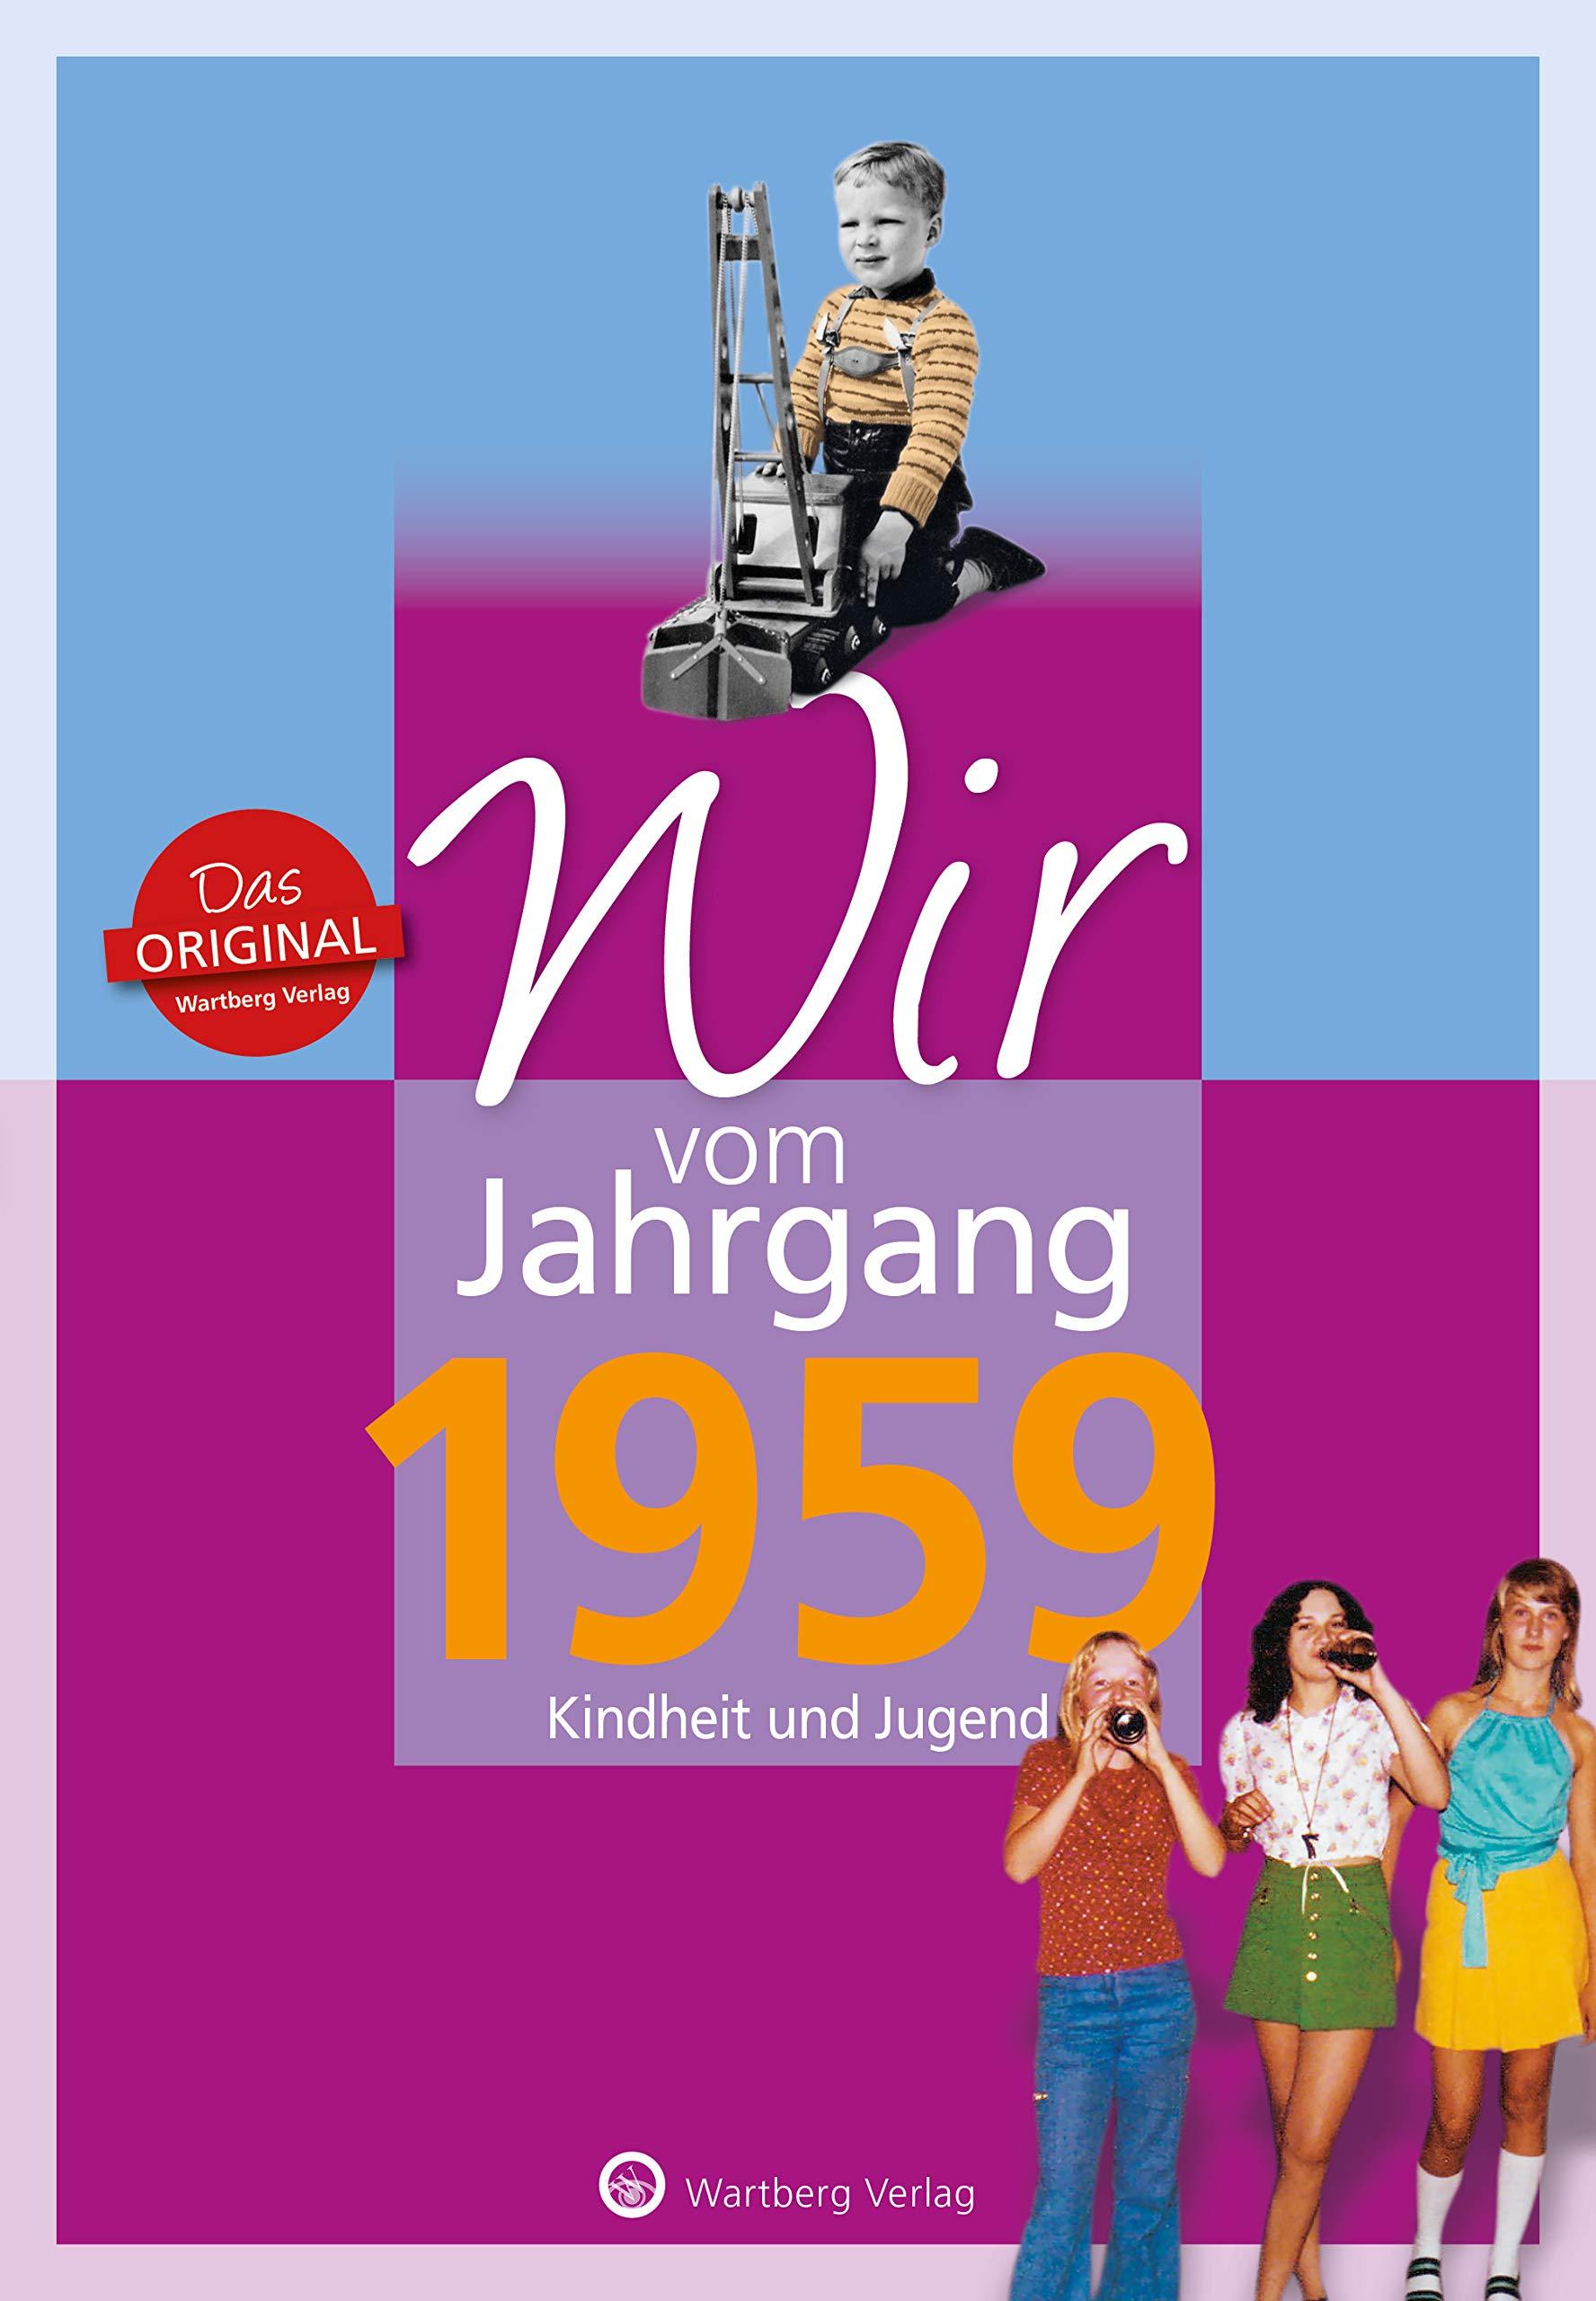 Wir vom Jahrgang 1959 - Kindheit und Jugend (Jahrgangsbände)